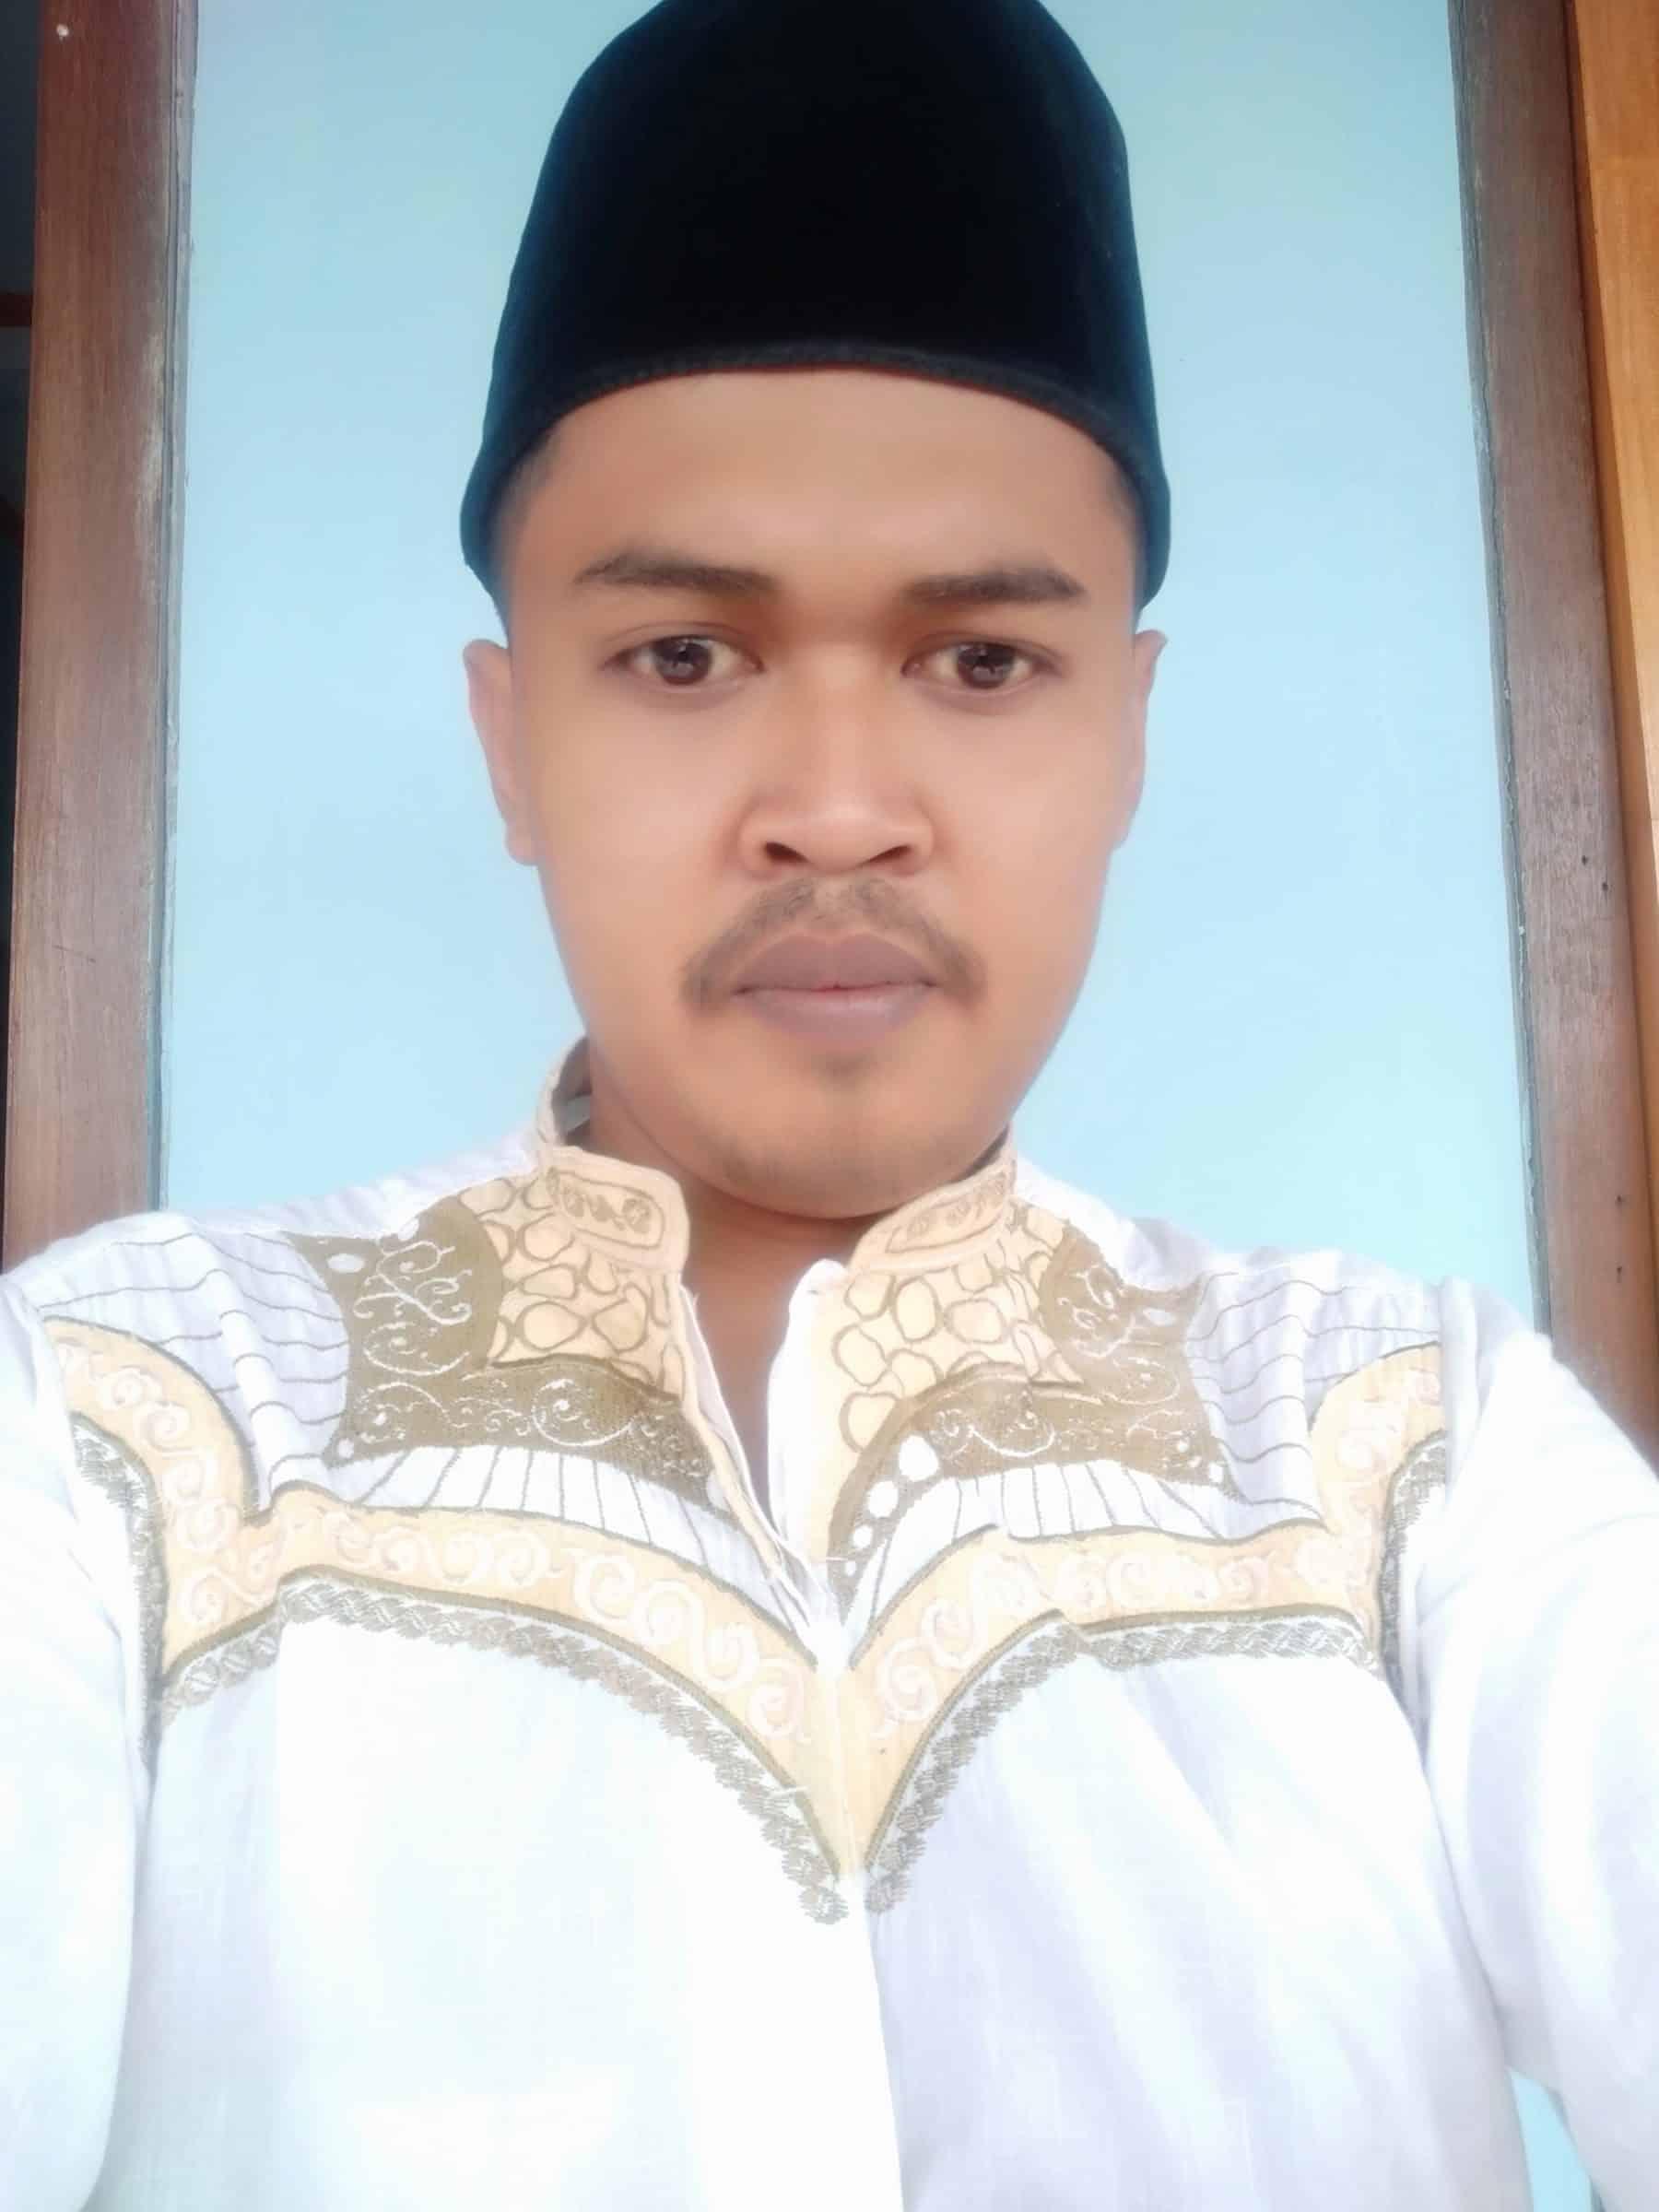 Muhammad Faiq Furqon